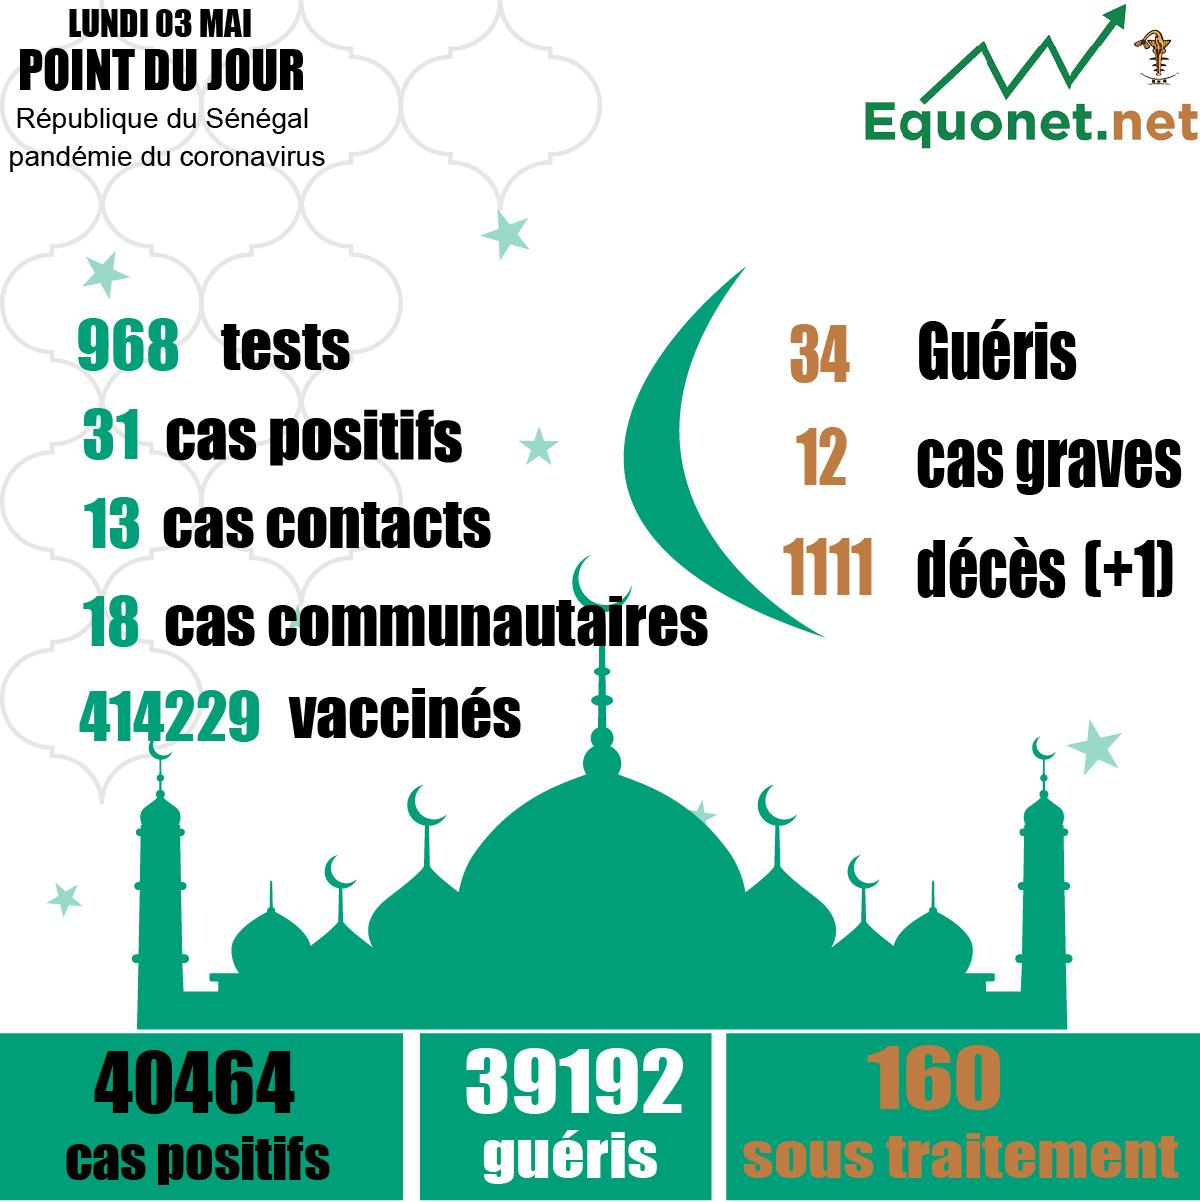 pandémie du coronavirus-covid-19 au sénégal : 18 cas communautaires et 01 décès enregistrés ce lundi 3 mai 2021